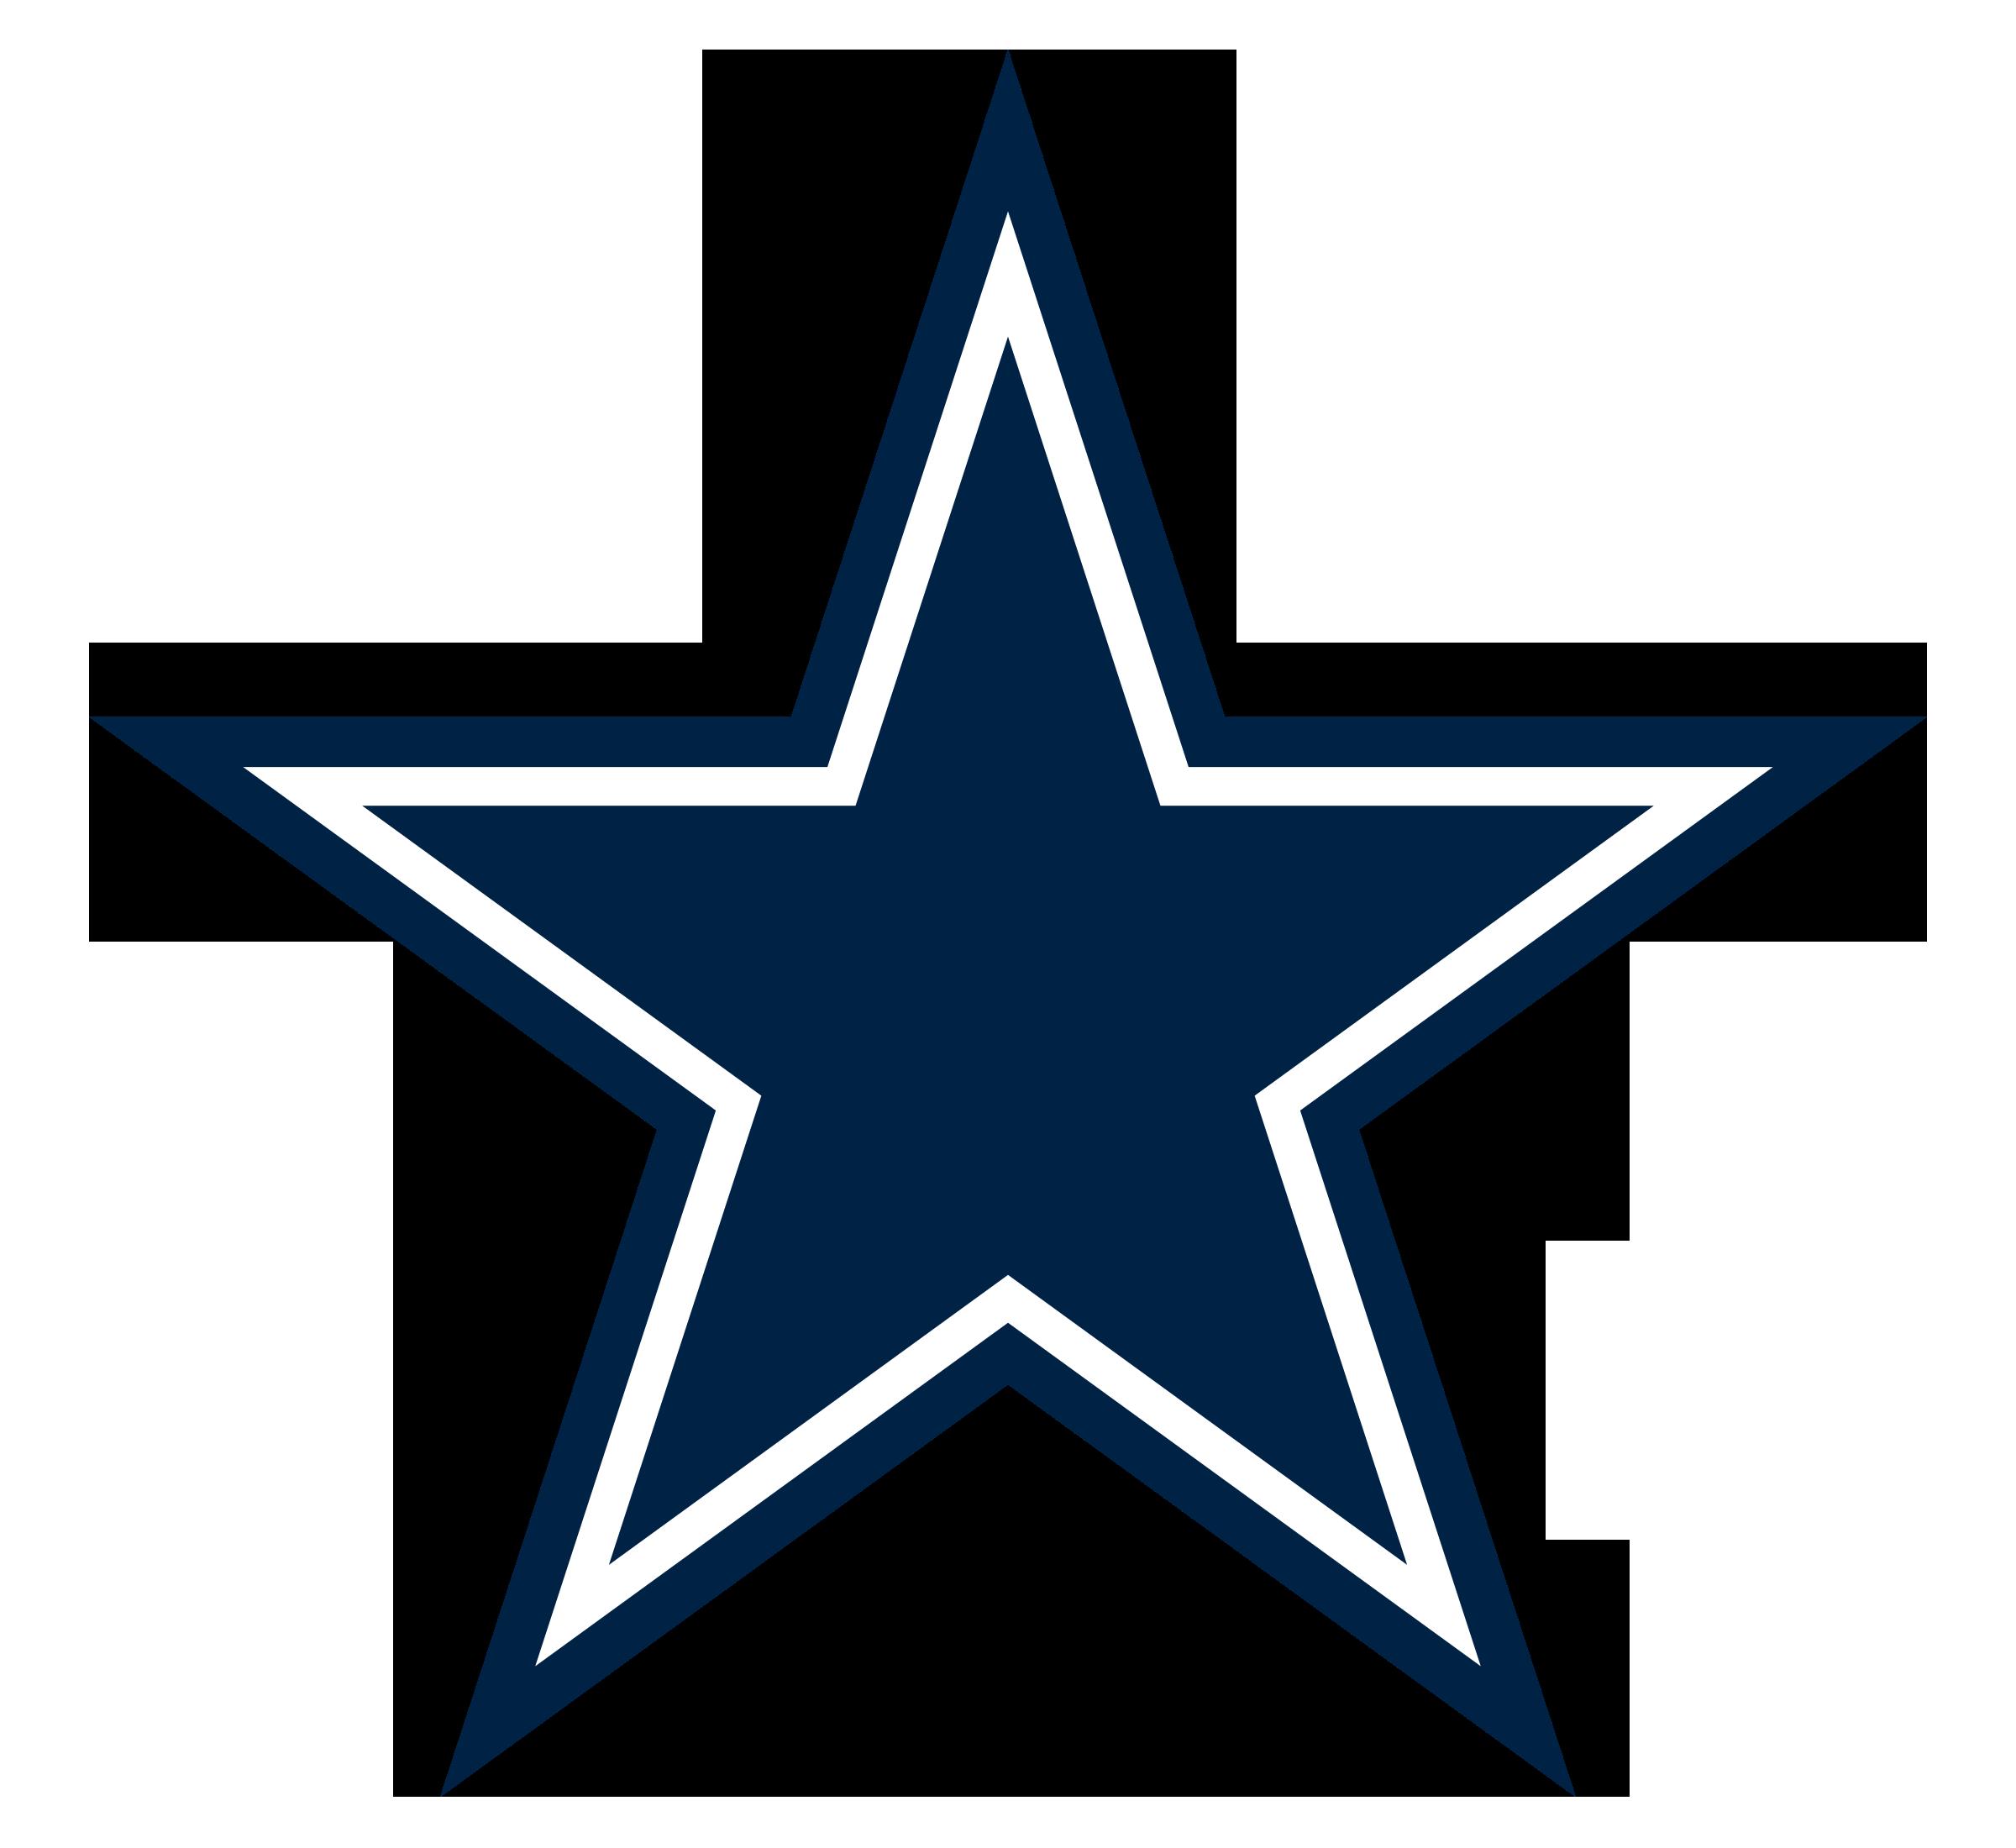 2400x2200 Dallas Cowboys Logo Png Transparent Amp Svg Vector